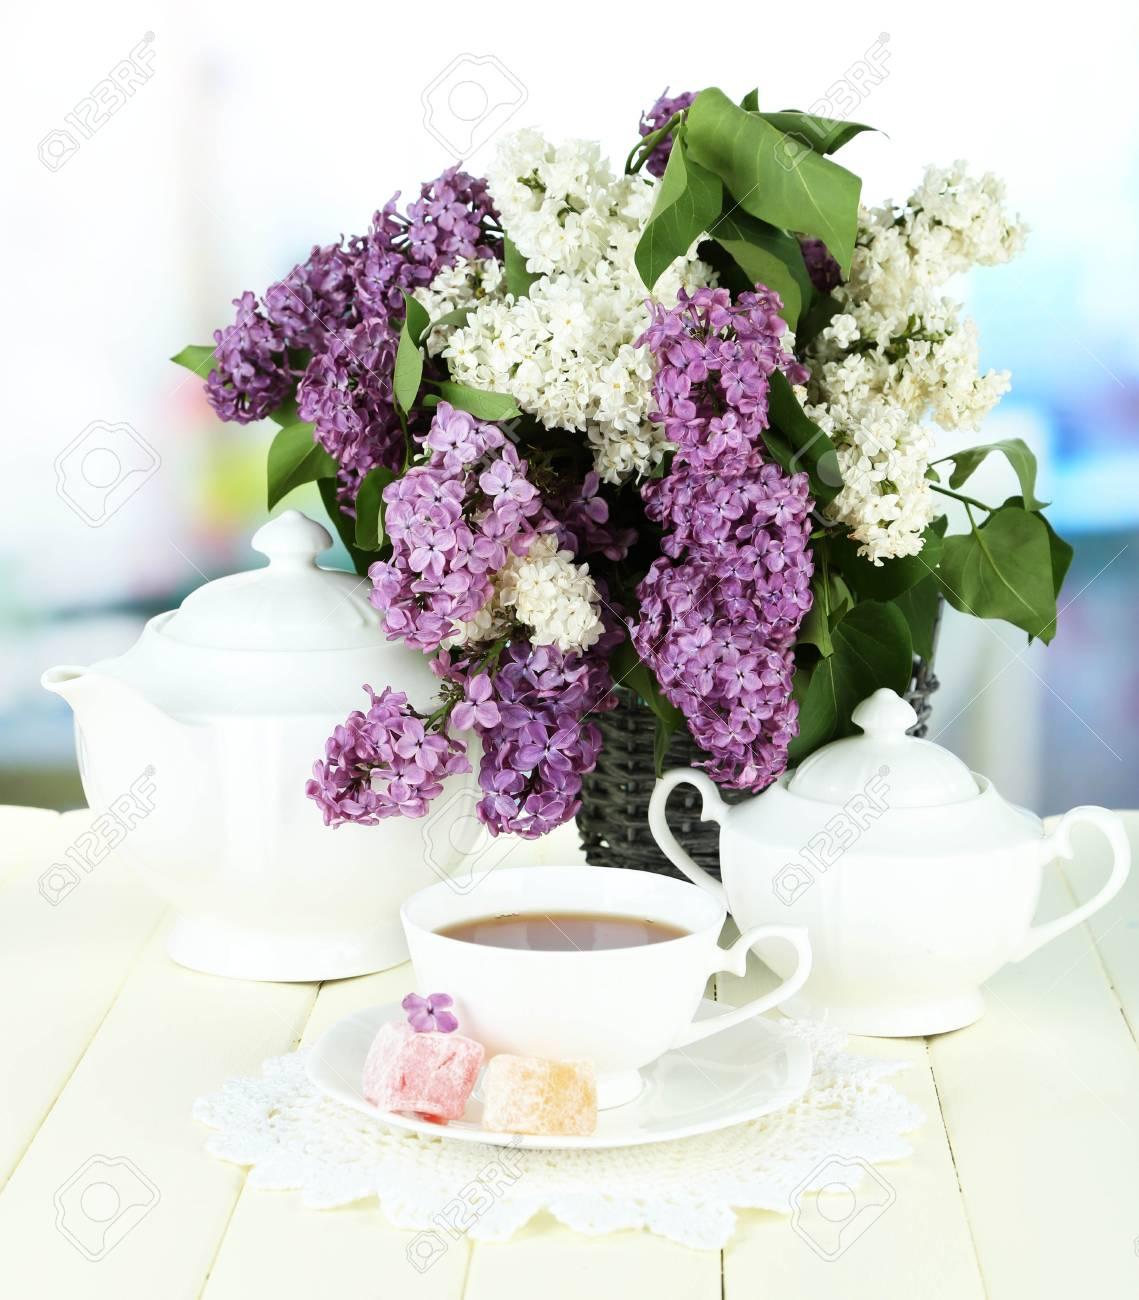 Foto de archivo , Composici?n con hermosas flores de color lila, servicio de t? en la mesa de madera sobre fondo brillante